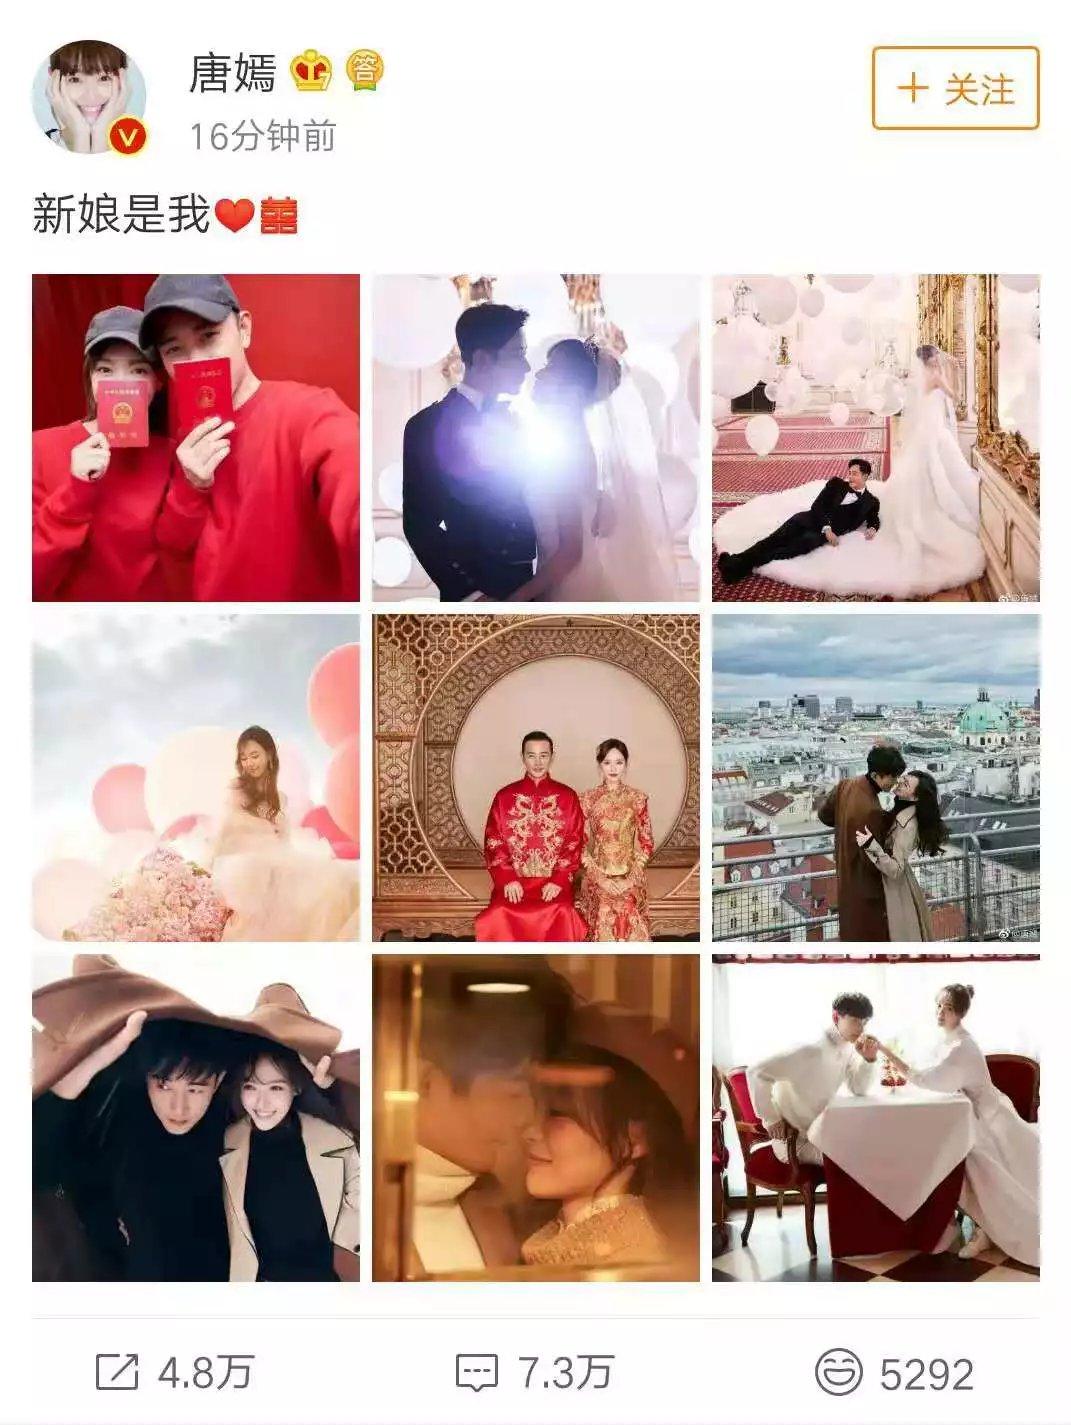 """李易峰和唐嫣的结婚照_唐嫣和罗晋结婚啦:""""傻白甜""""是怎么找到幸福的?_百科TA说"""